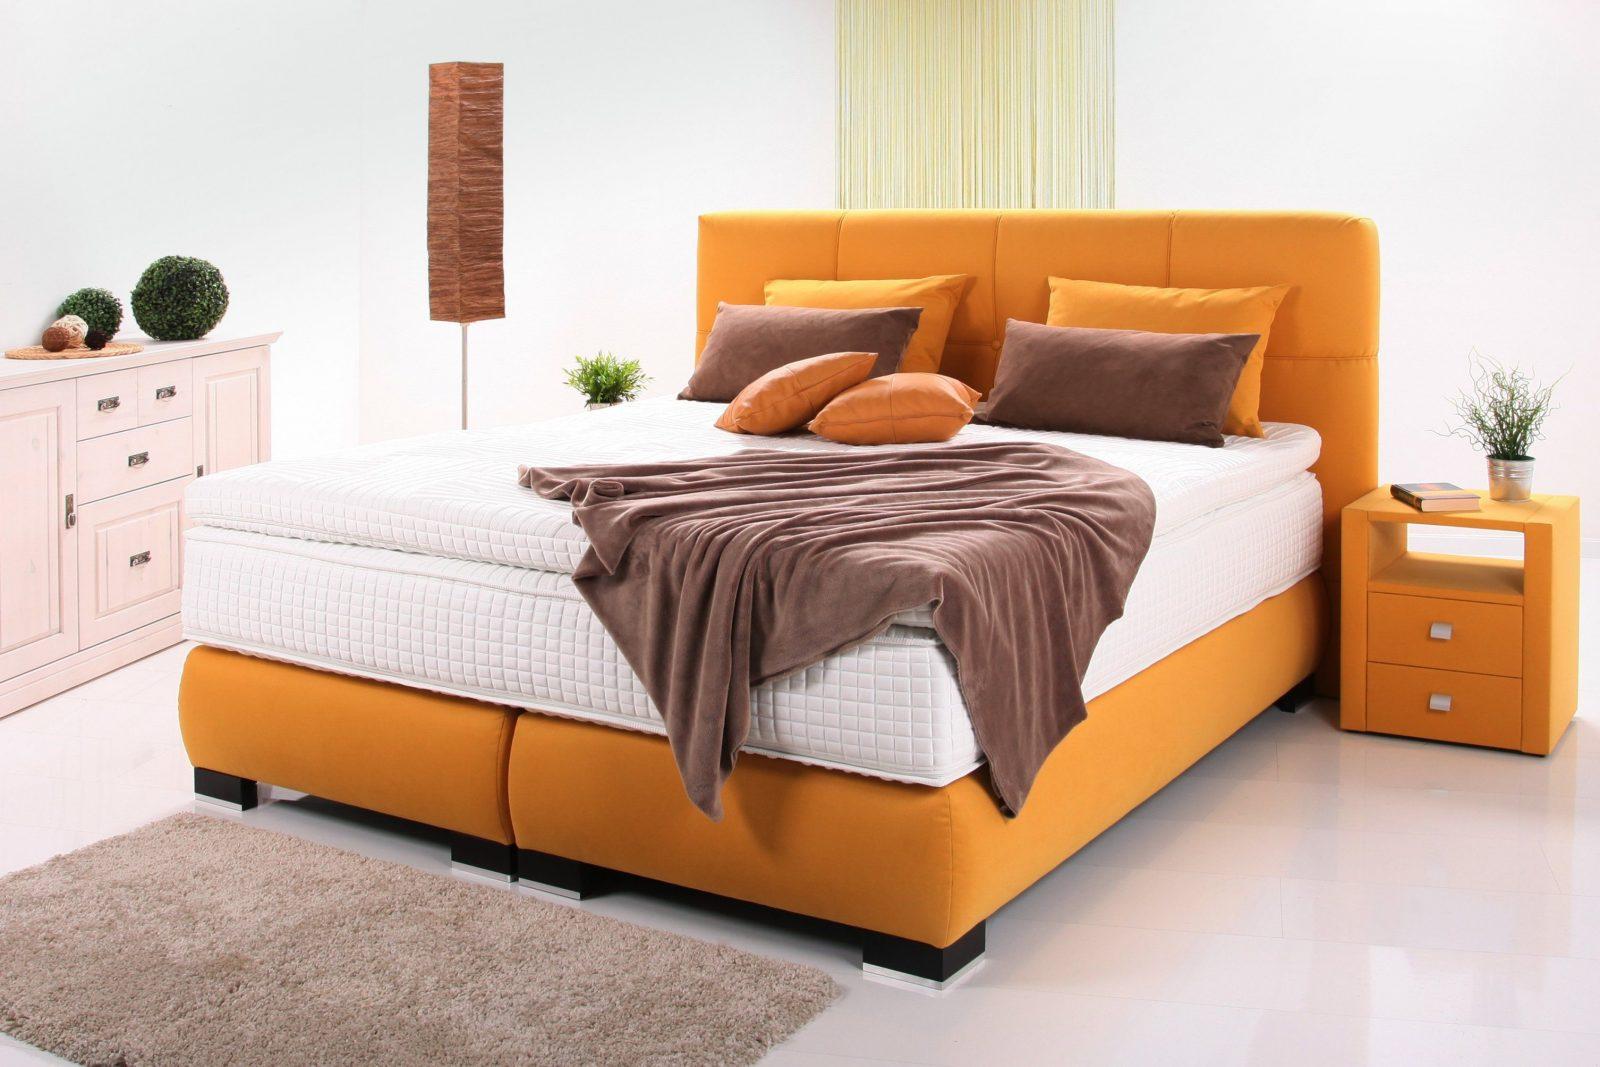 5Sterneluxusboxspringbett  Schlafen Wie Auf Wolke 7  Ihr Möbel von Breckle Boxspringbett Inkl. Topper Bild